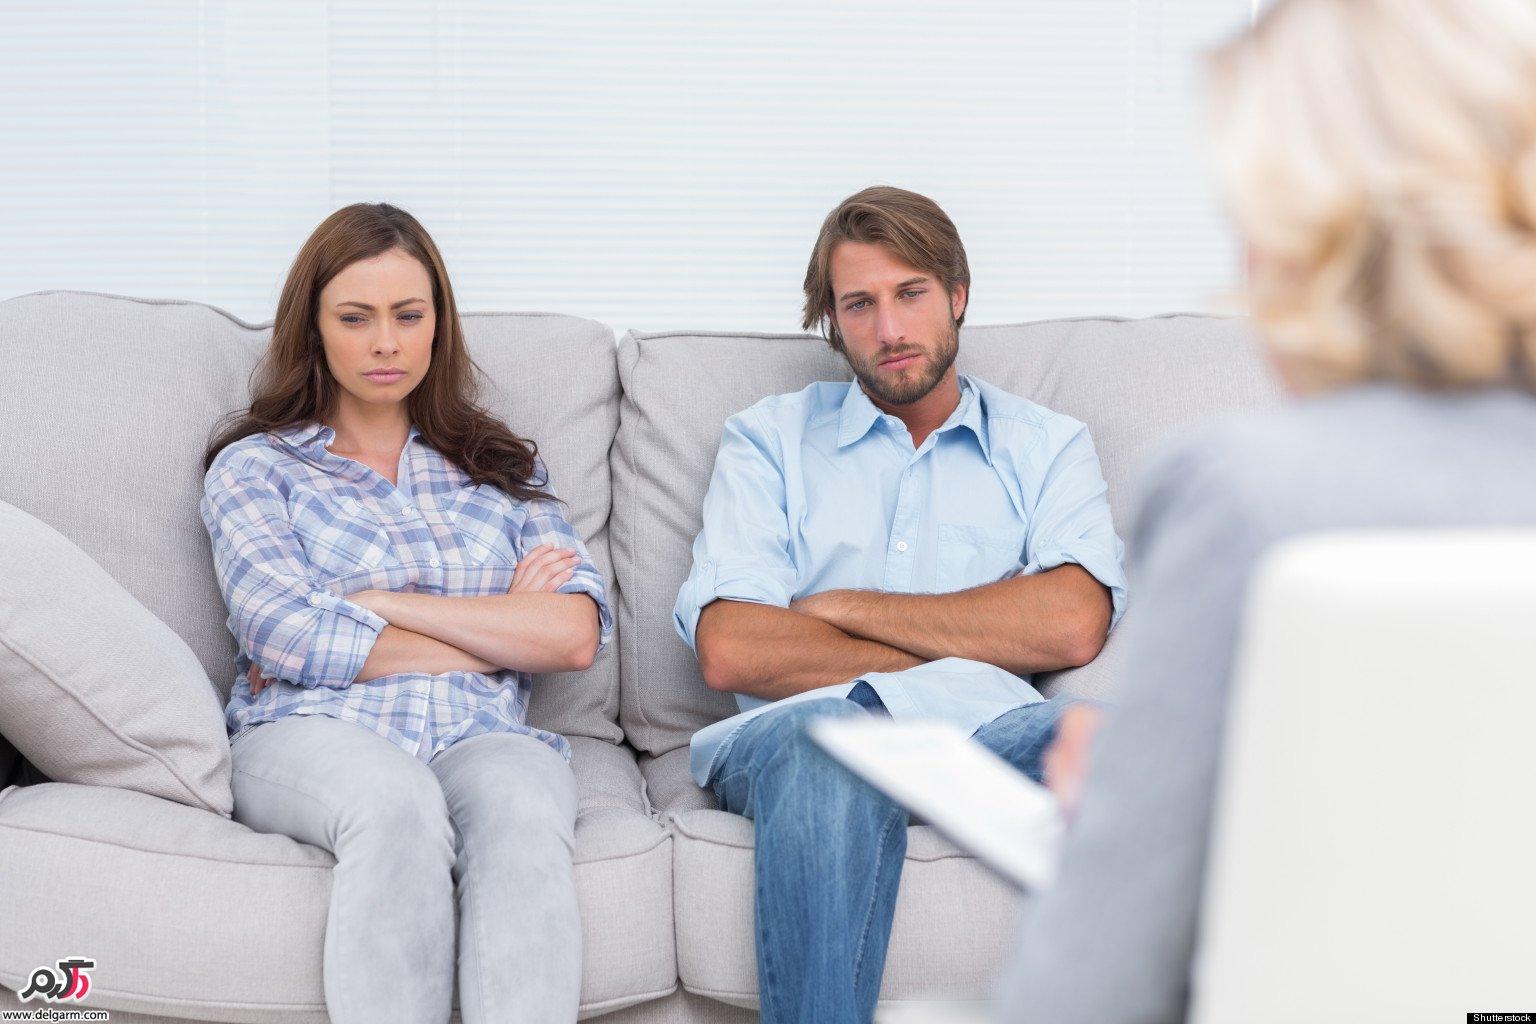 نامزد دارم و فهمیده ام ازدواج را دوست ندارم!